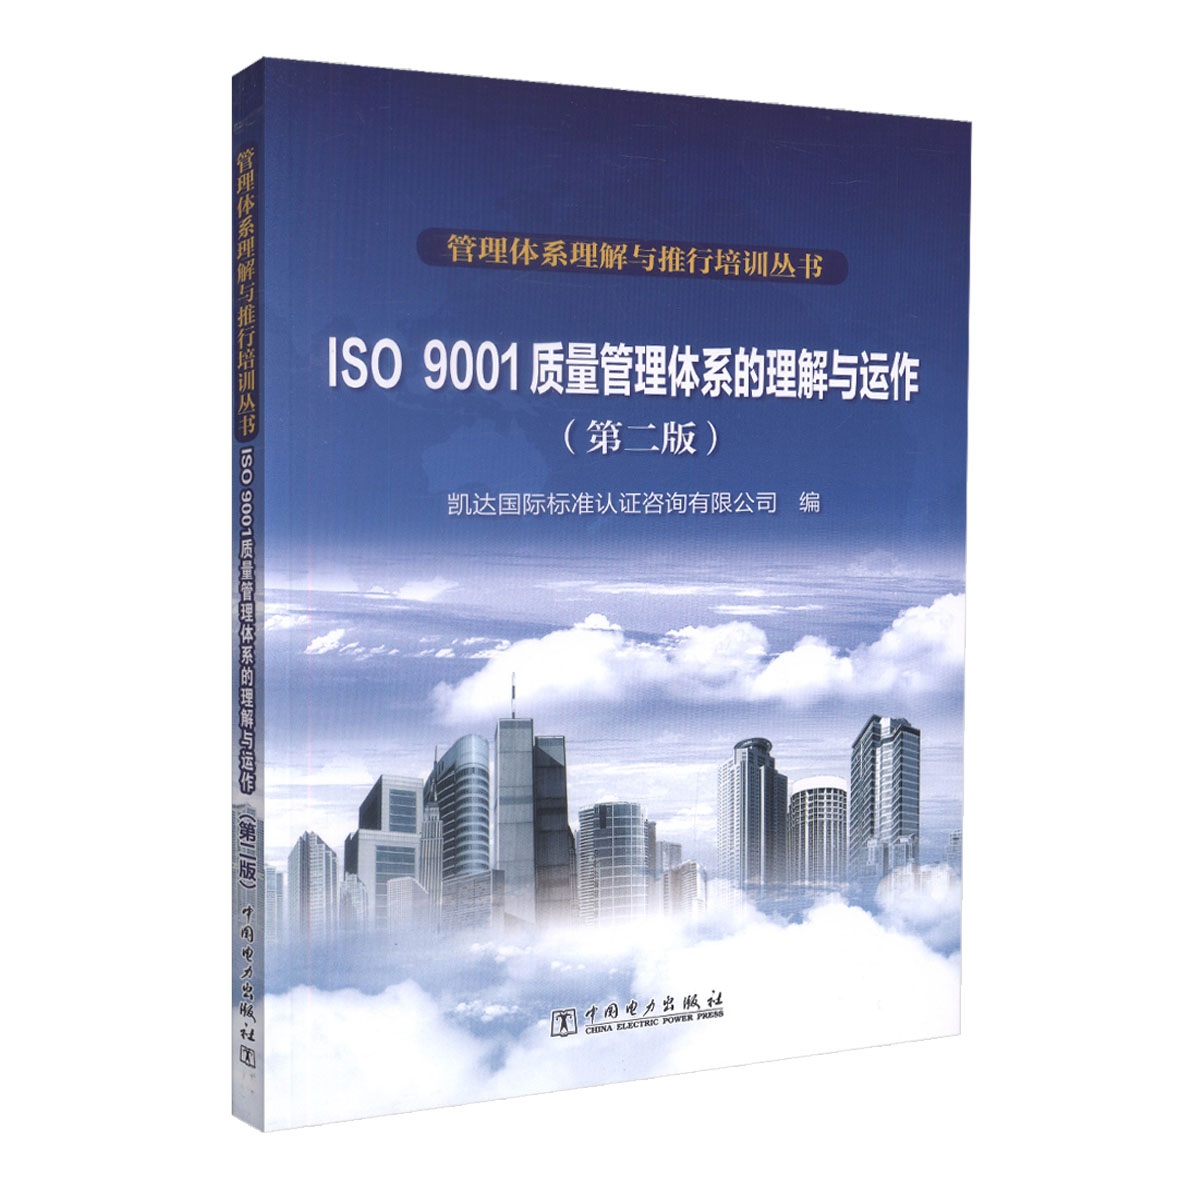 正版现货 ISO 9001质量管理体系的理解与运作(第二版) 管理体系理解与推行培训丛书 凯达国际标准认证咨询有限公司 编著